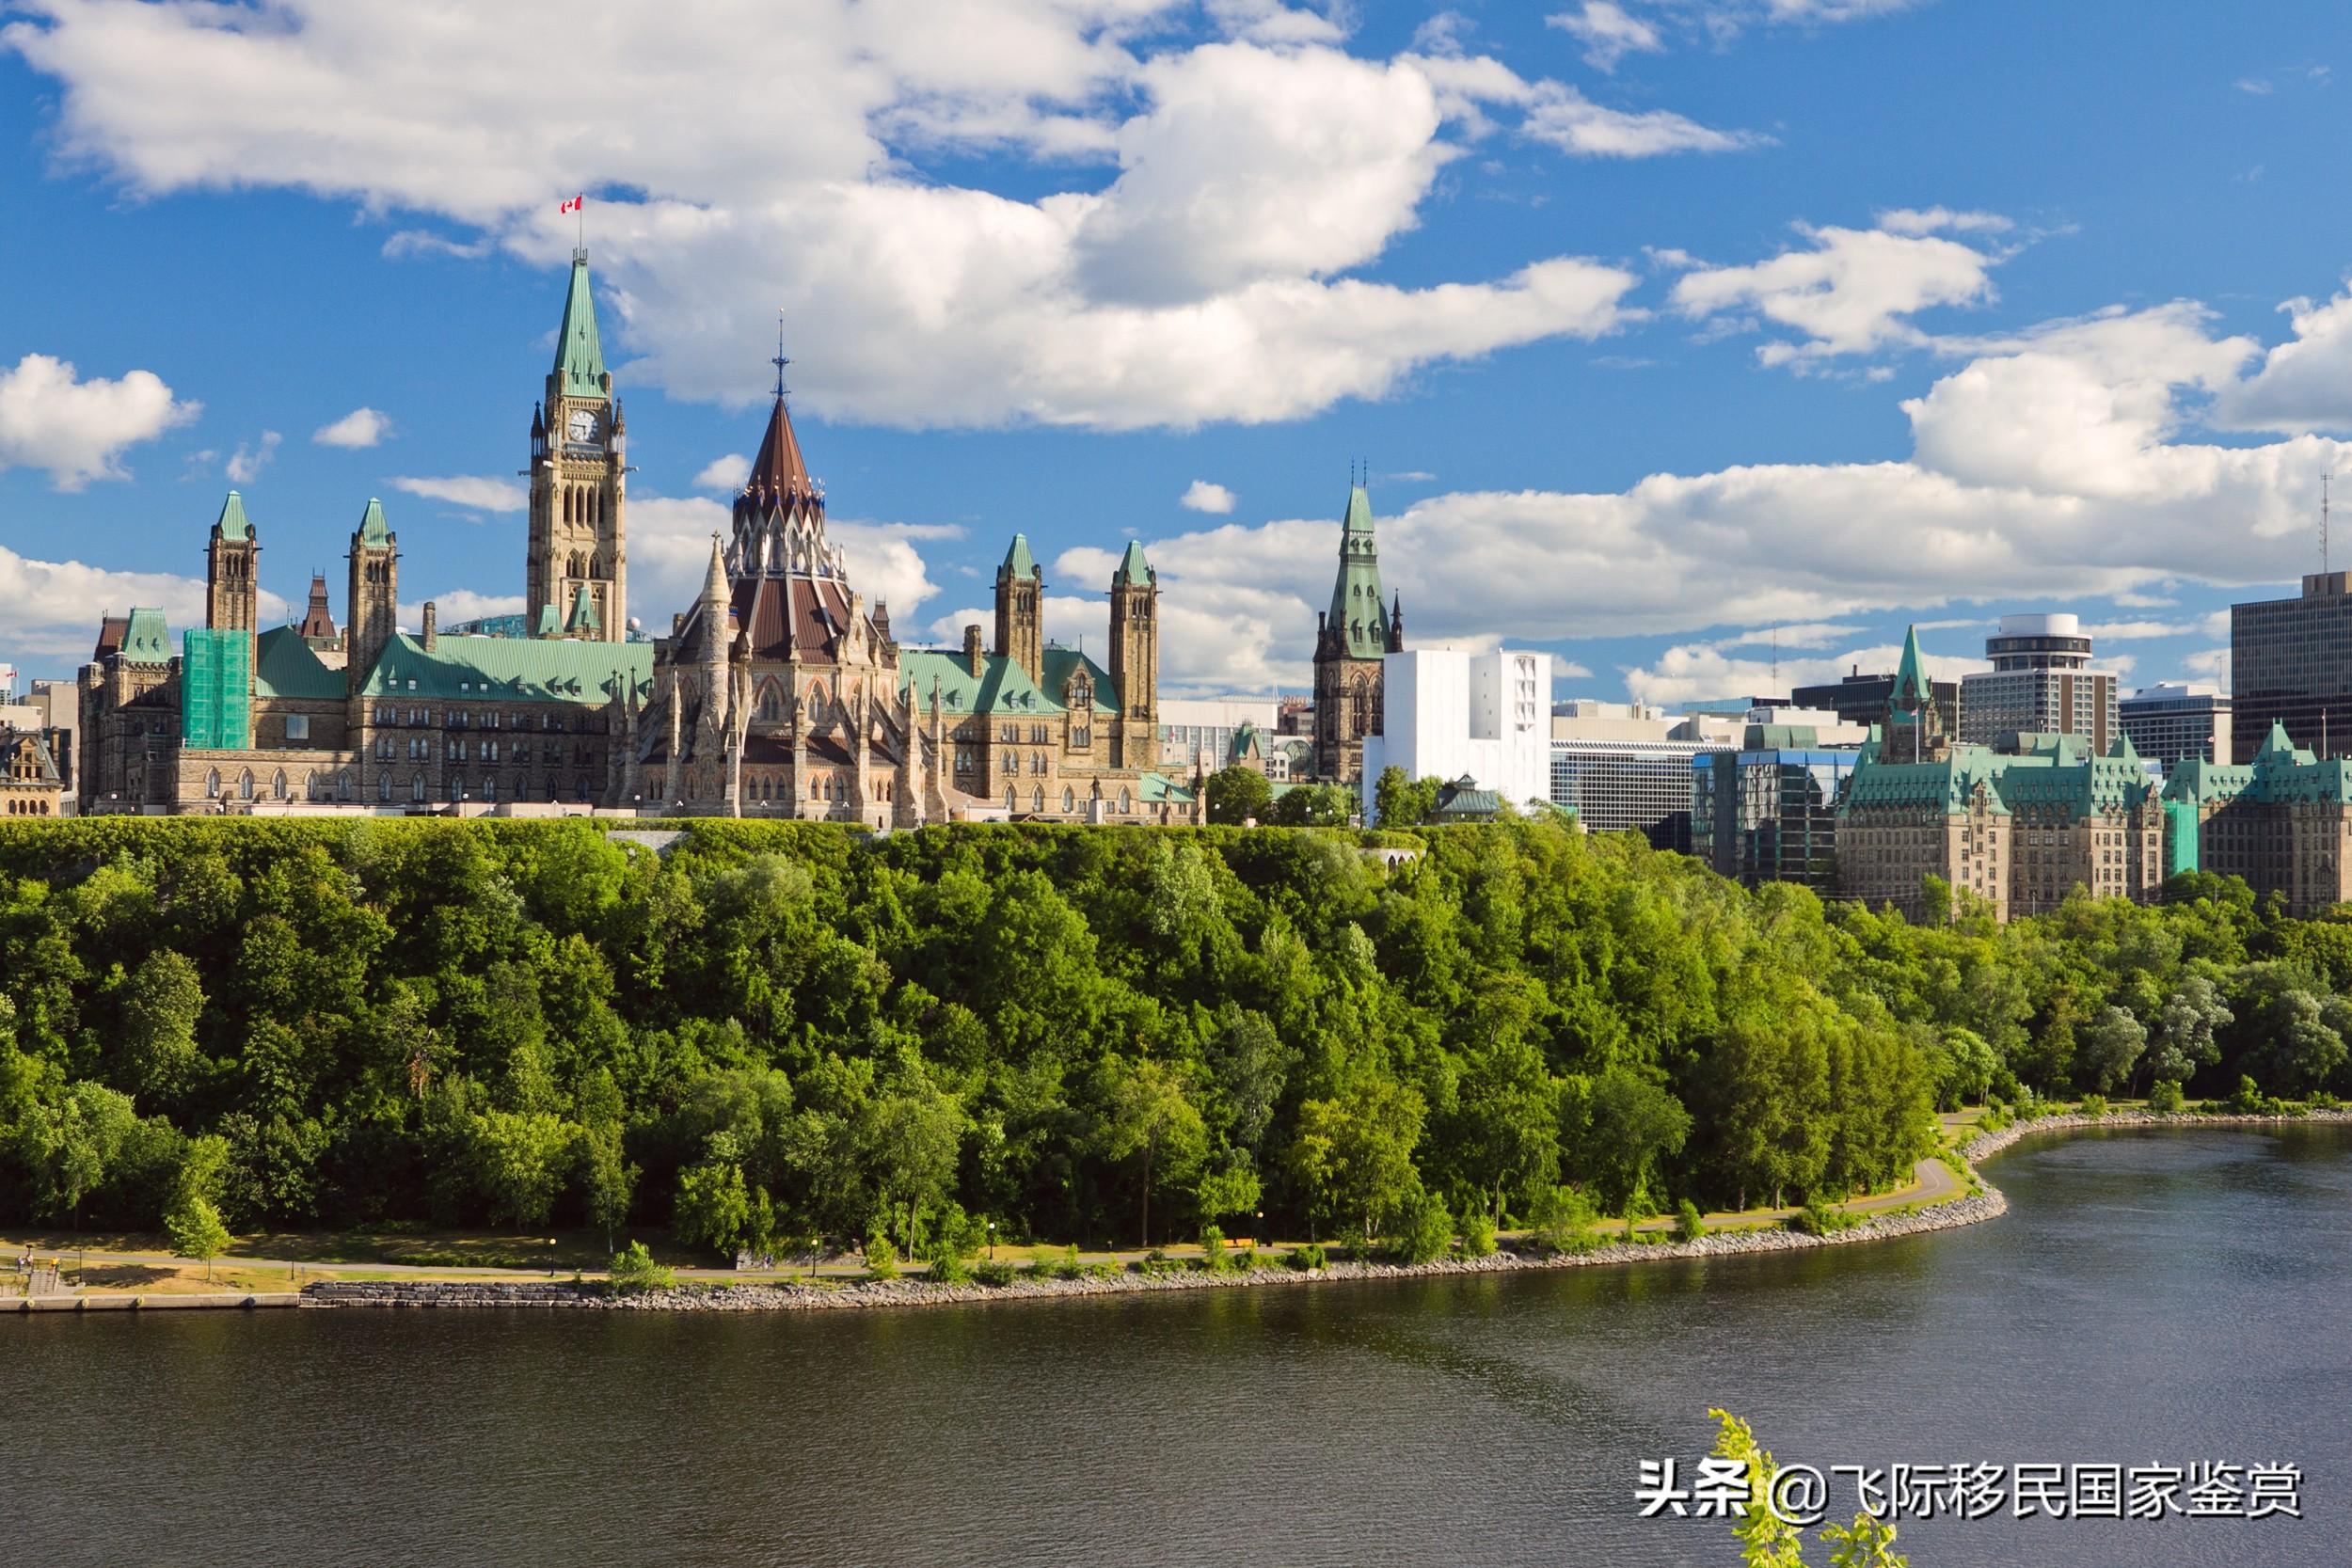 移民加拿大的条件,申请者一定要具备的条件